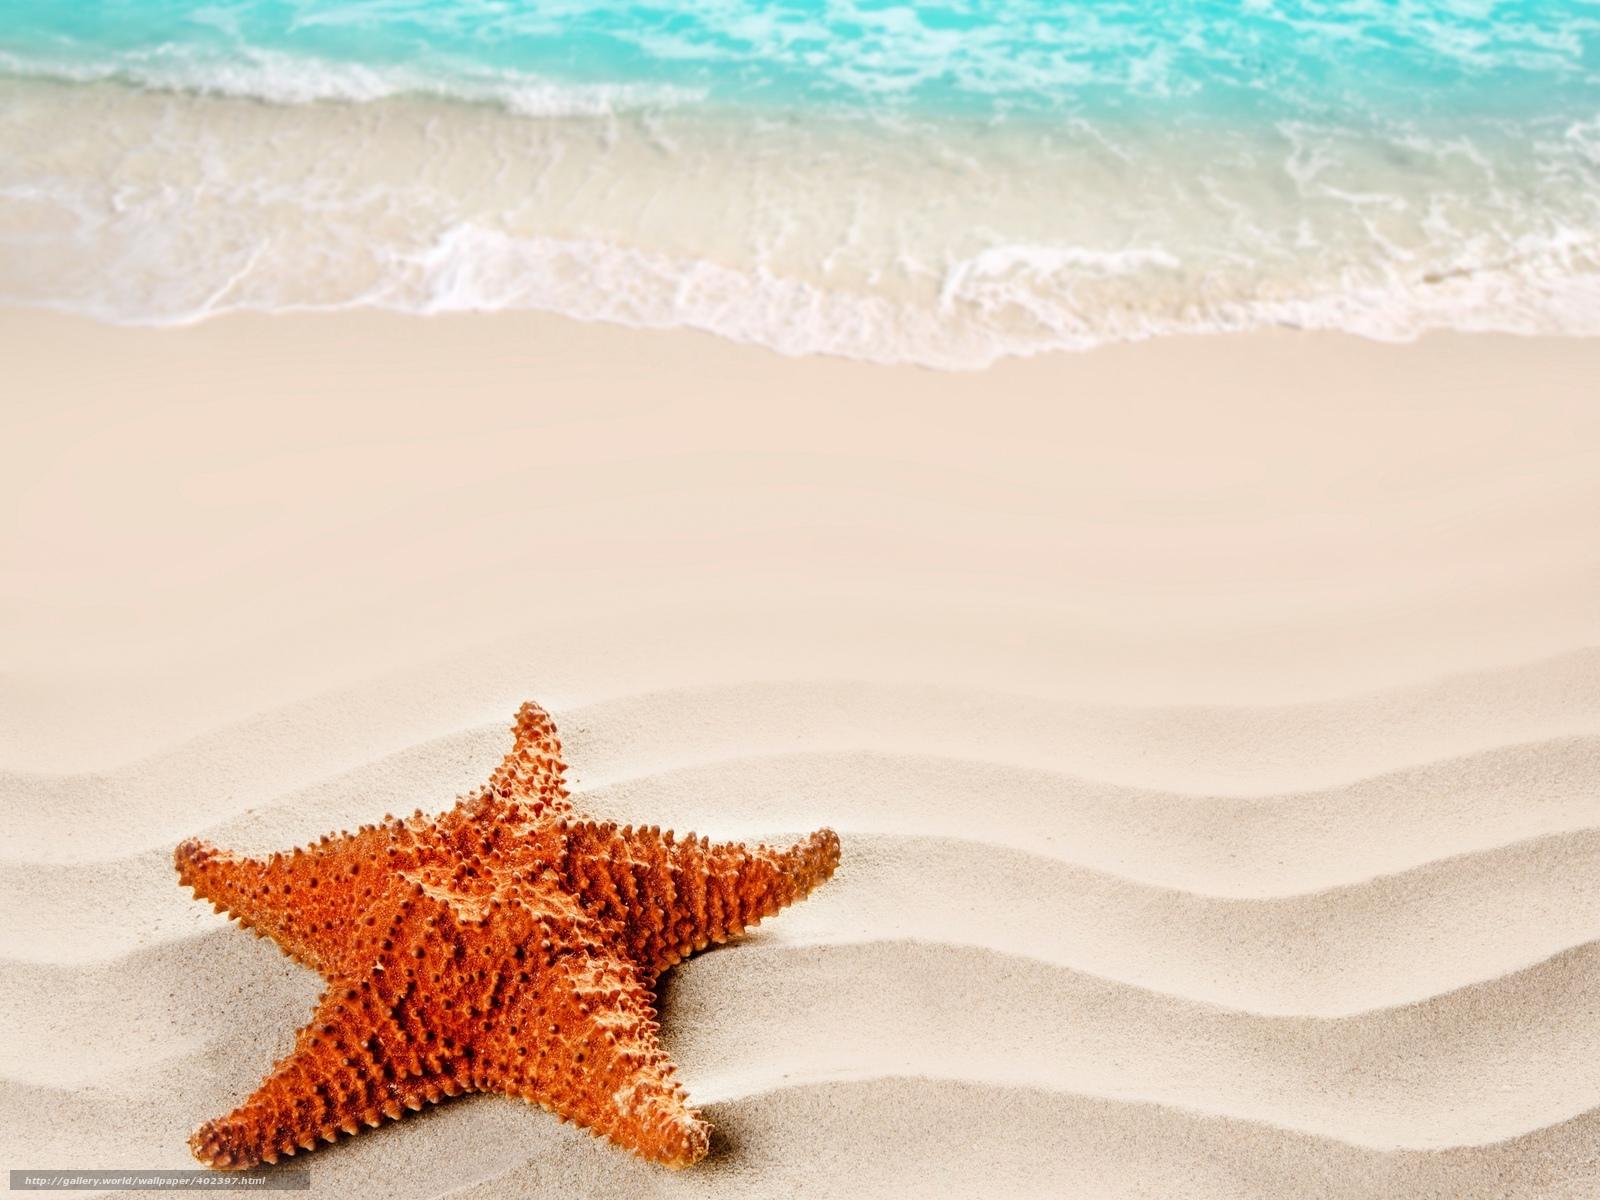 Scaricare Gli Sfondi Mare Sabbia Spiaggia Estate Sfondi Gratis